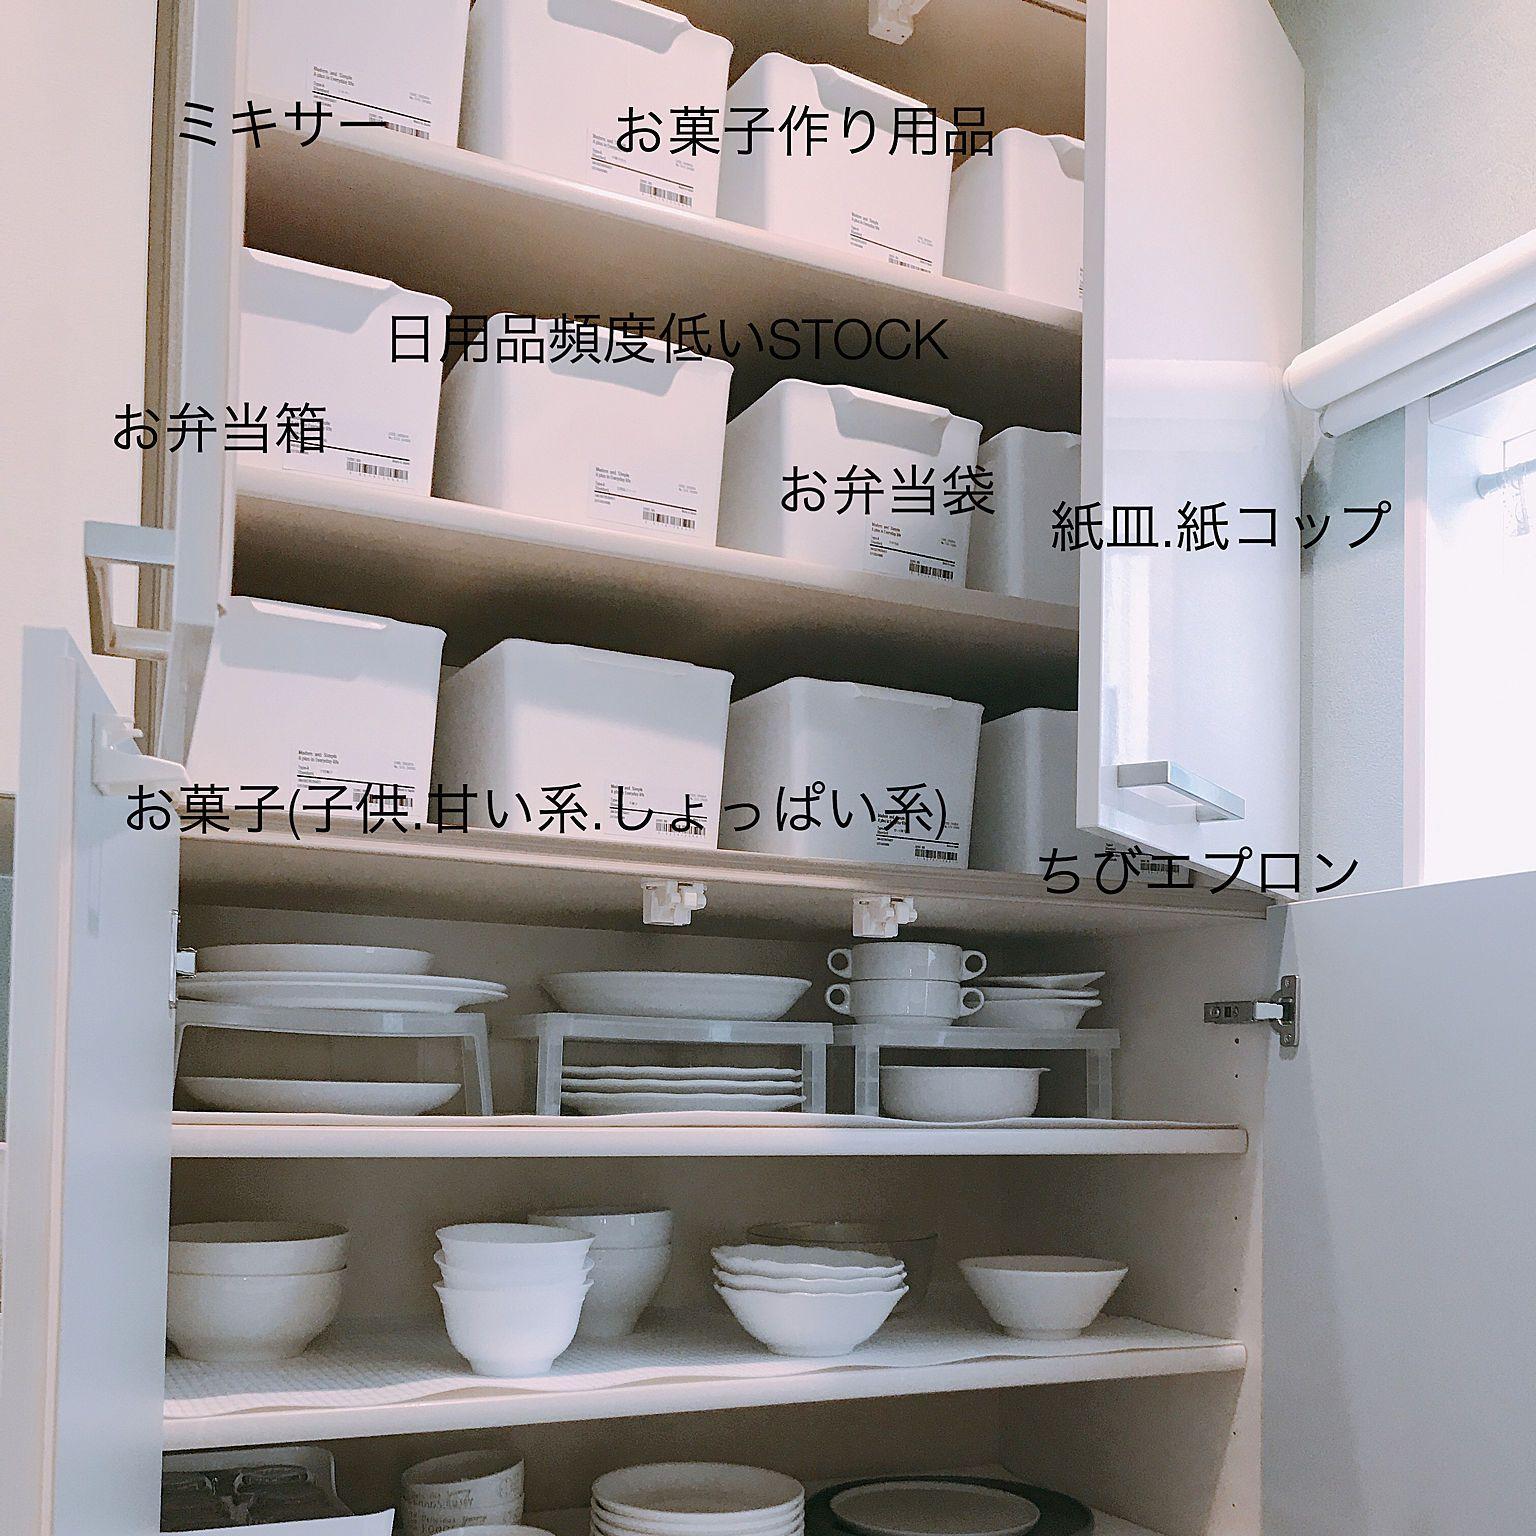 キッチン お菓子入れ 食器棚 収納 食器棚収納 などのインテリア実例